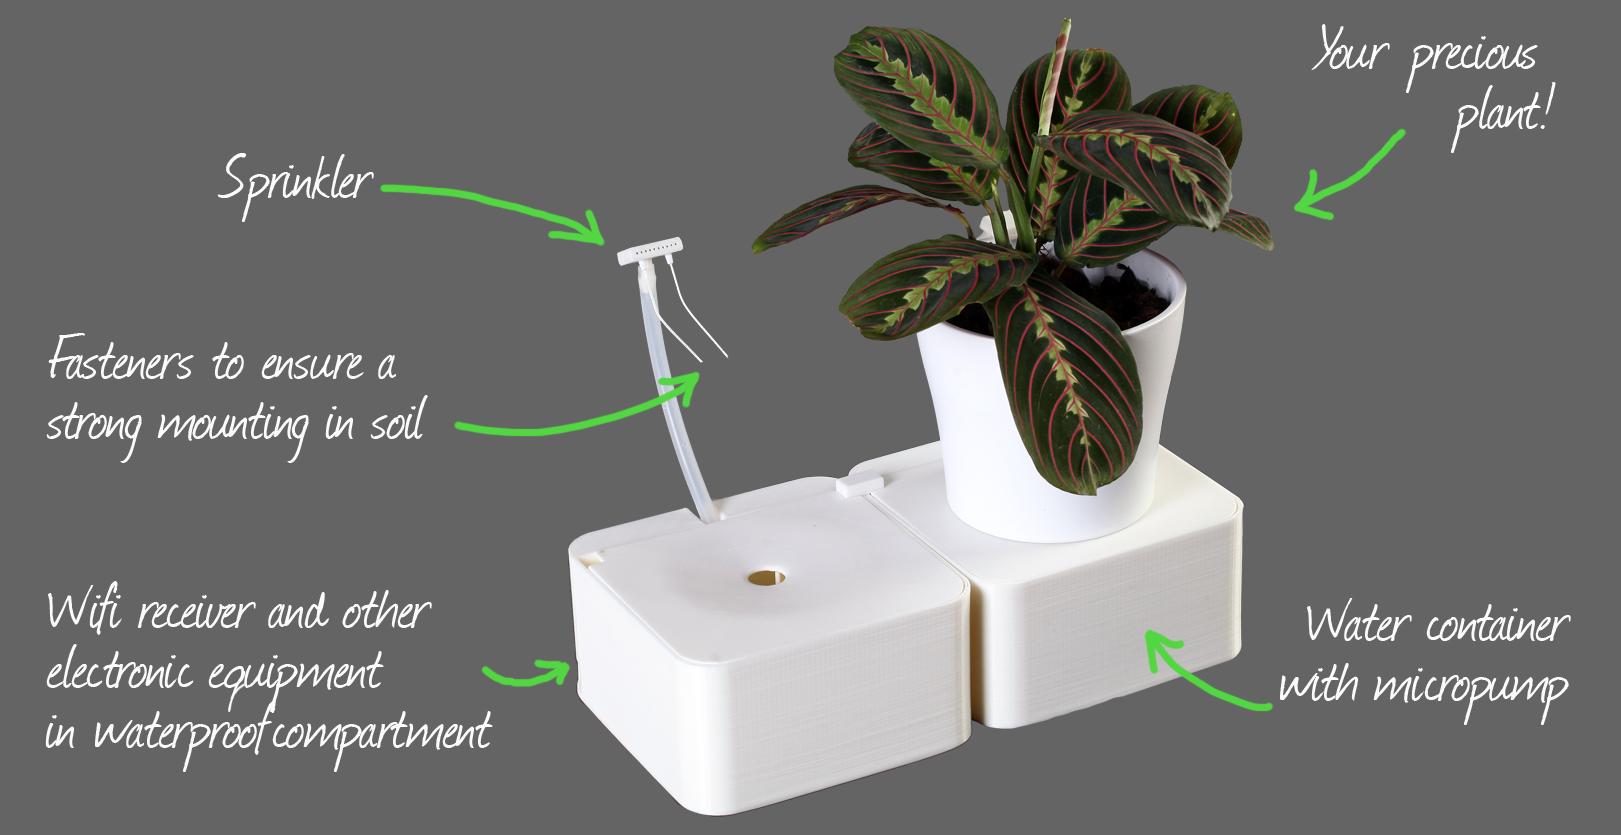 Система для полива растений. Как выйти на Кикстартер. Пошаговый процесс